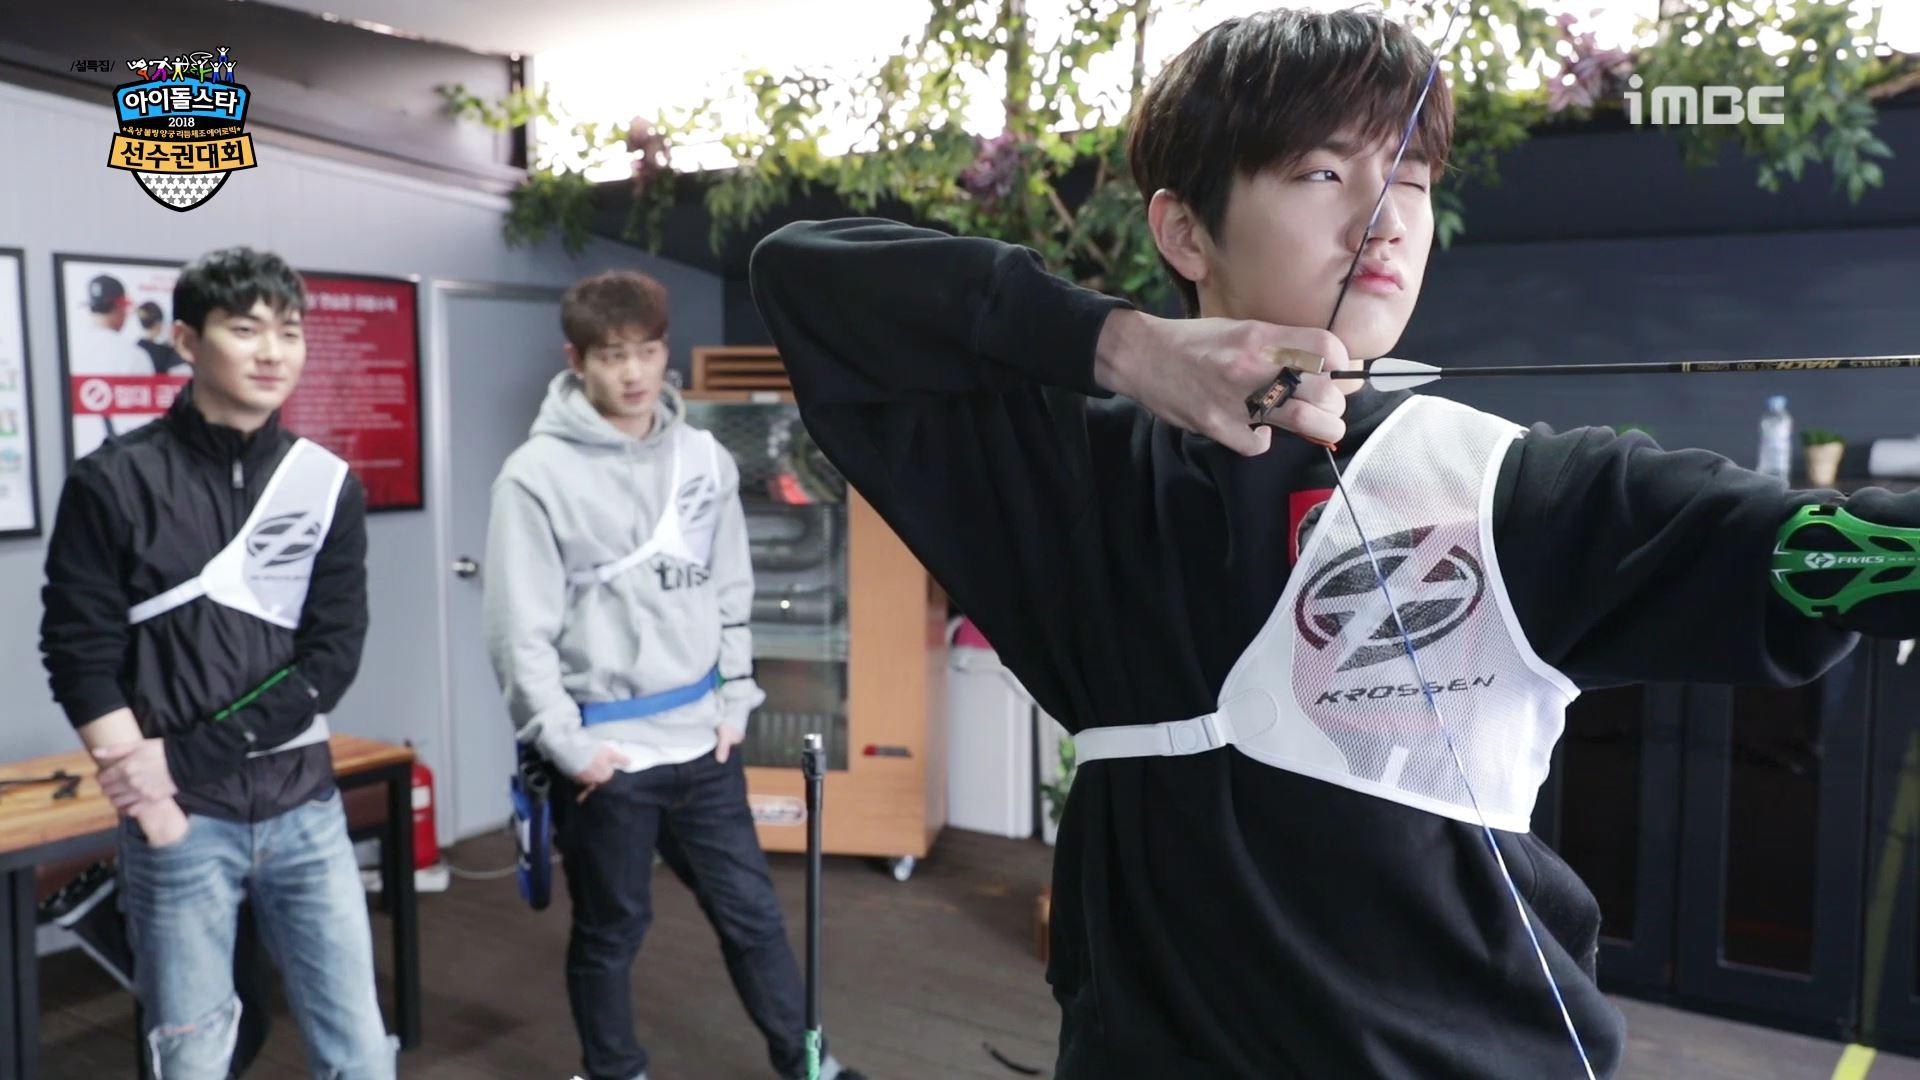 [아육대 연습영상⑧] 뉴이스트W, 비주얼&리액션 폭발했던 양궁 연습 현장 공개!